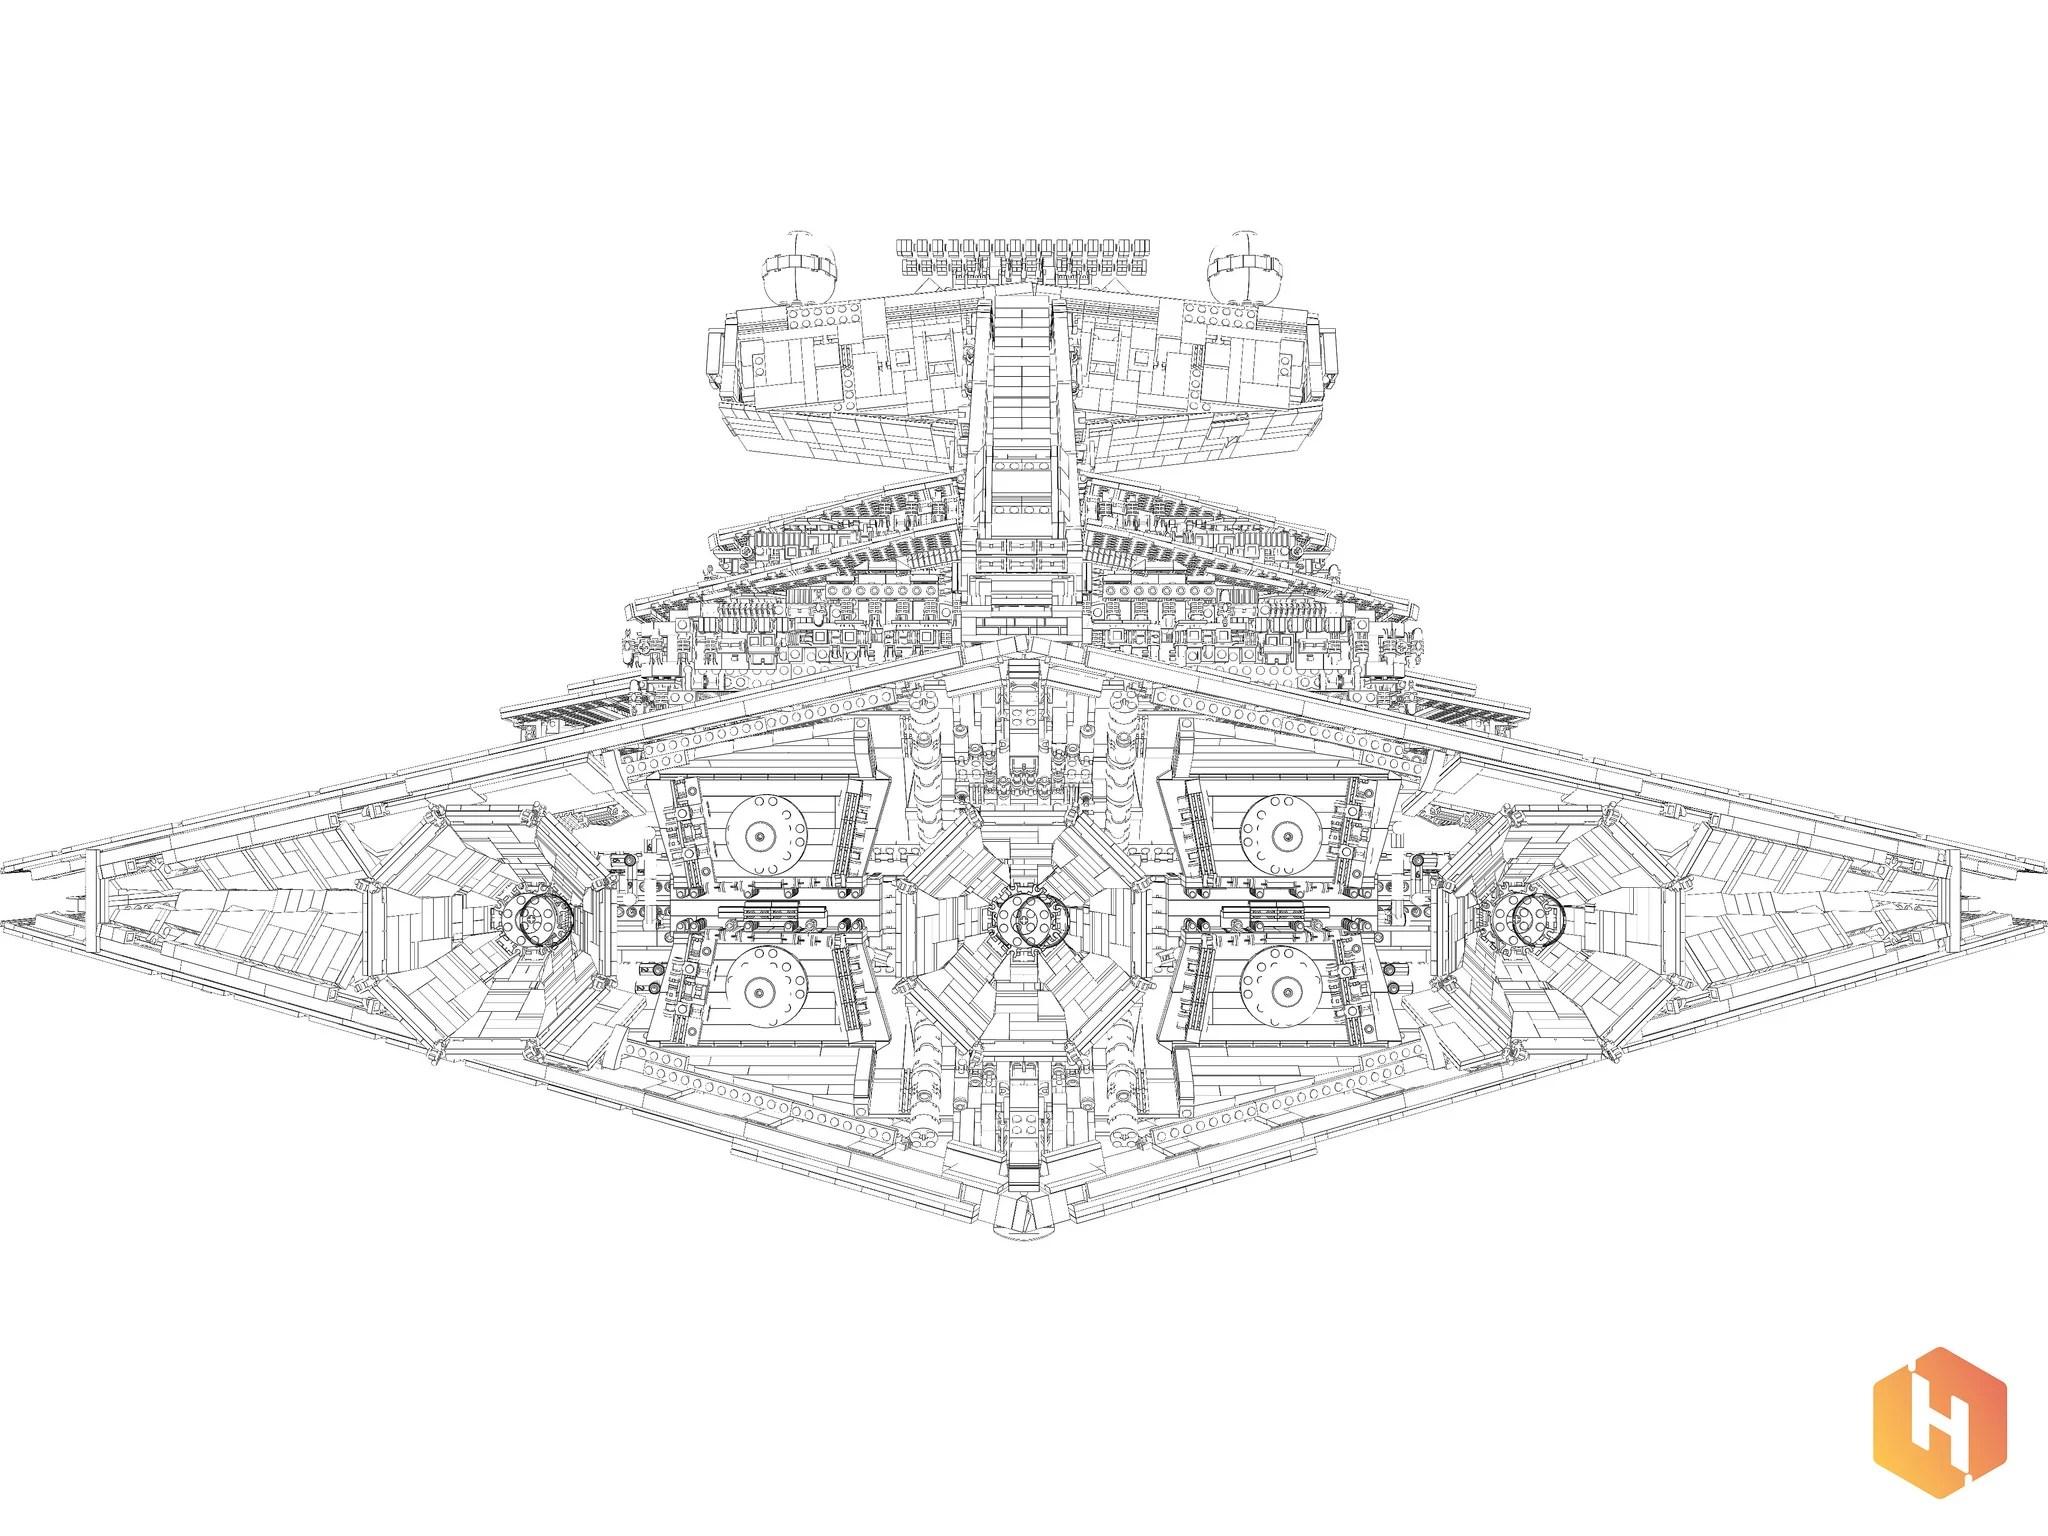 Star Wars Star Destroyer Schematics Pictures To Pin